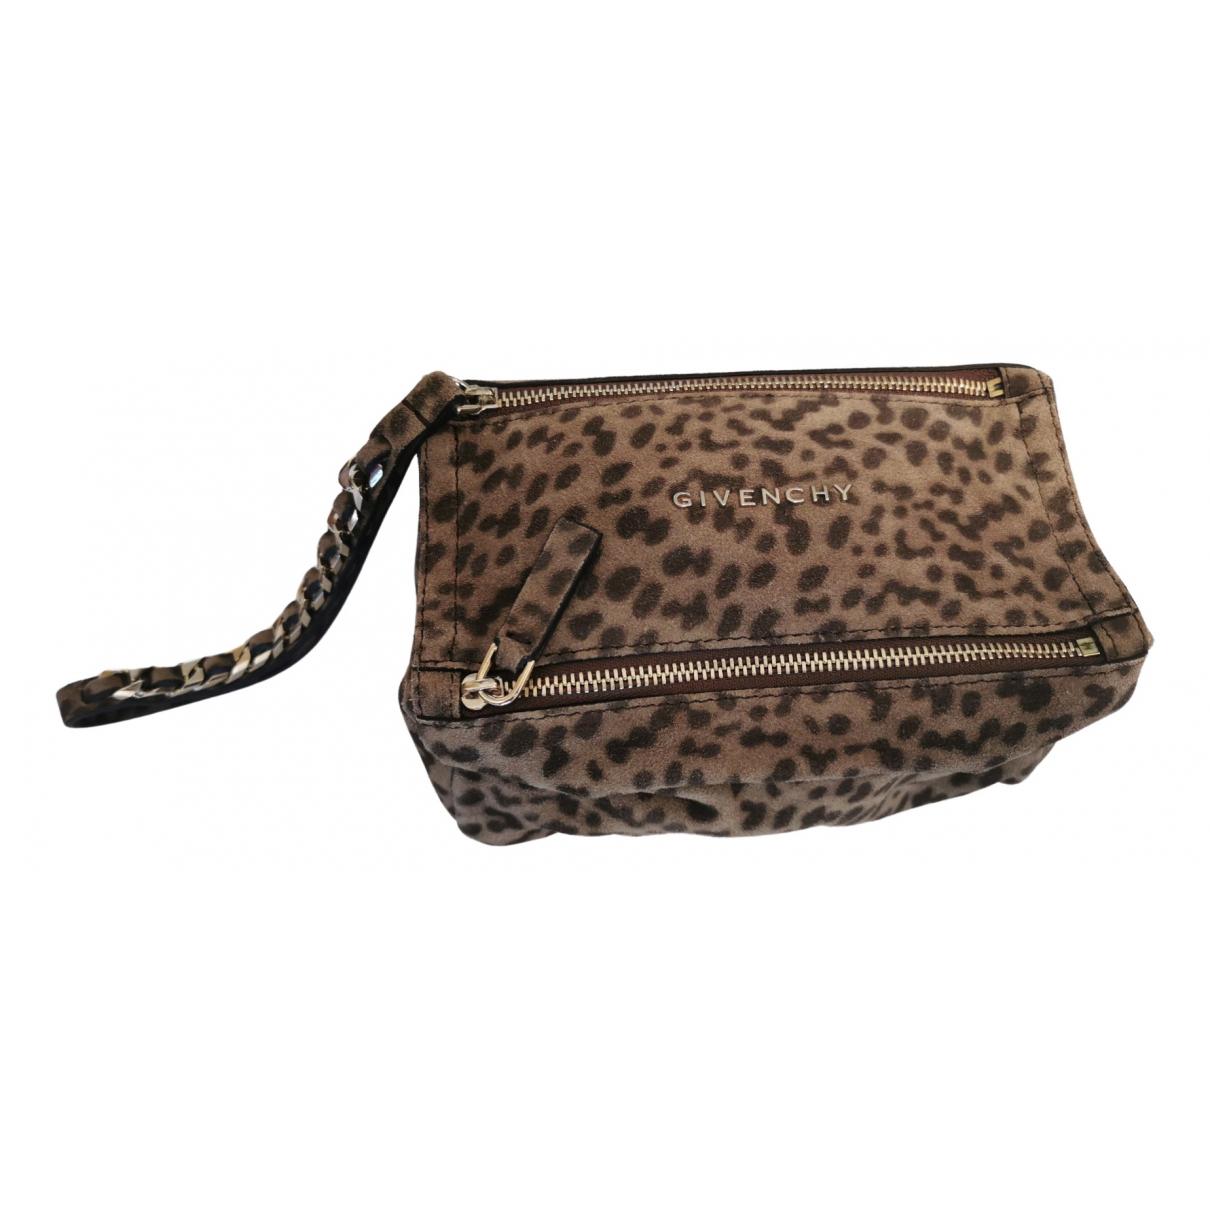 Givenchy - Petite maroquinerie   pour femme en cuir - marron